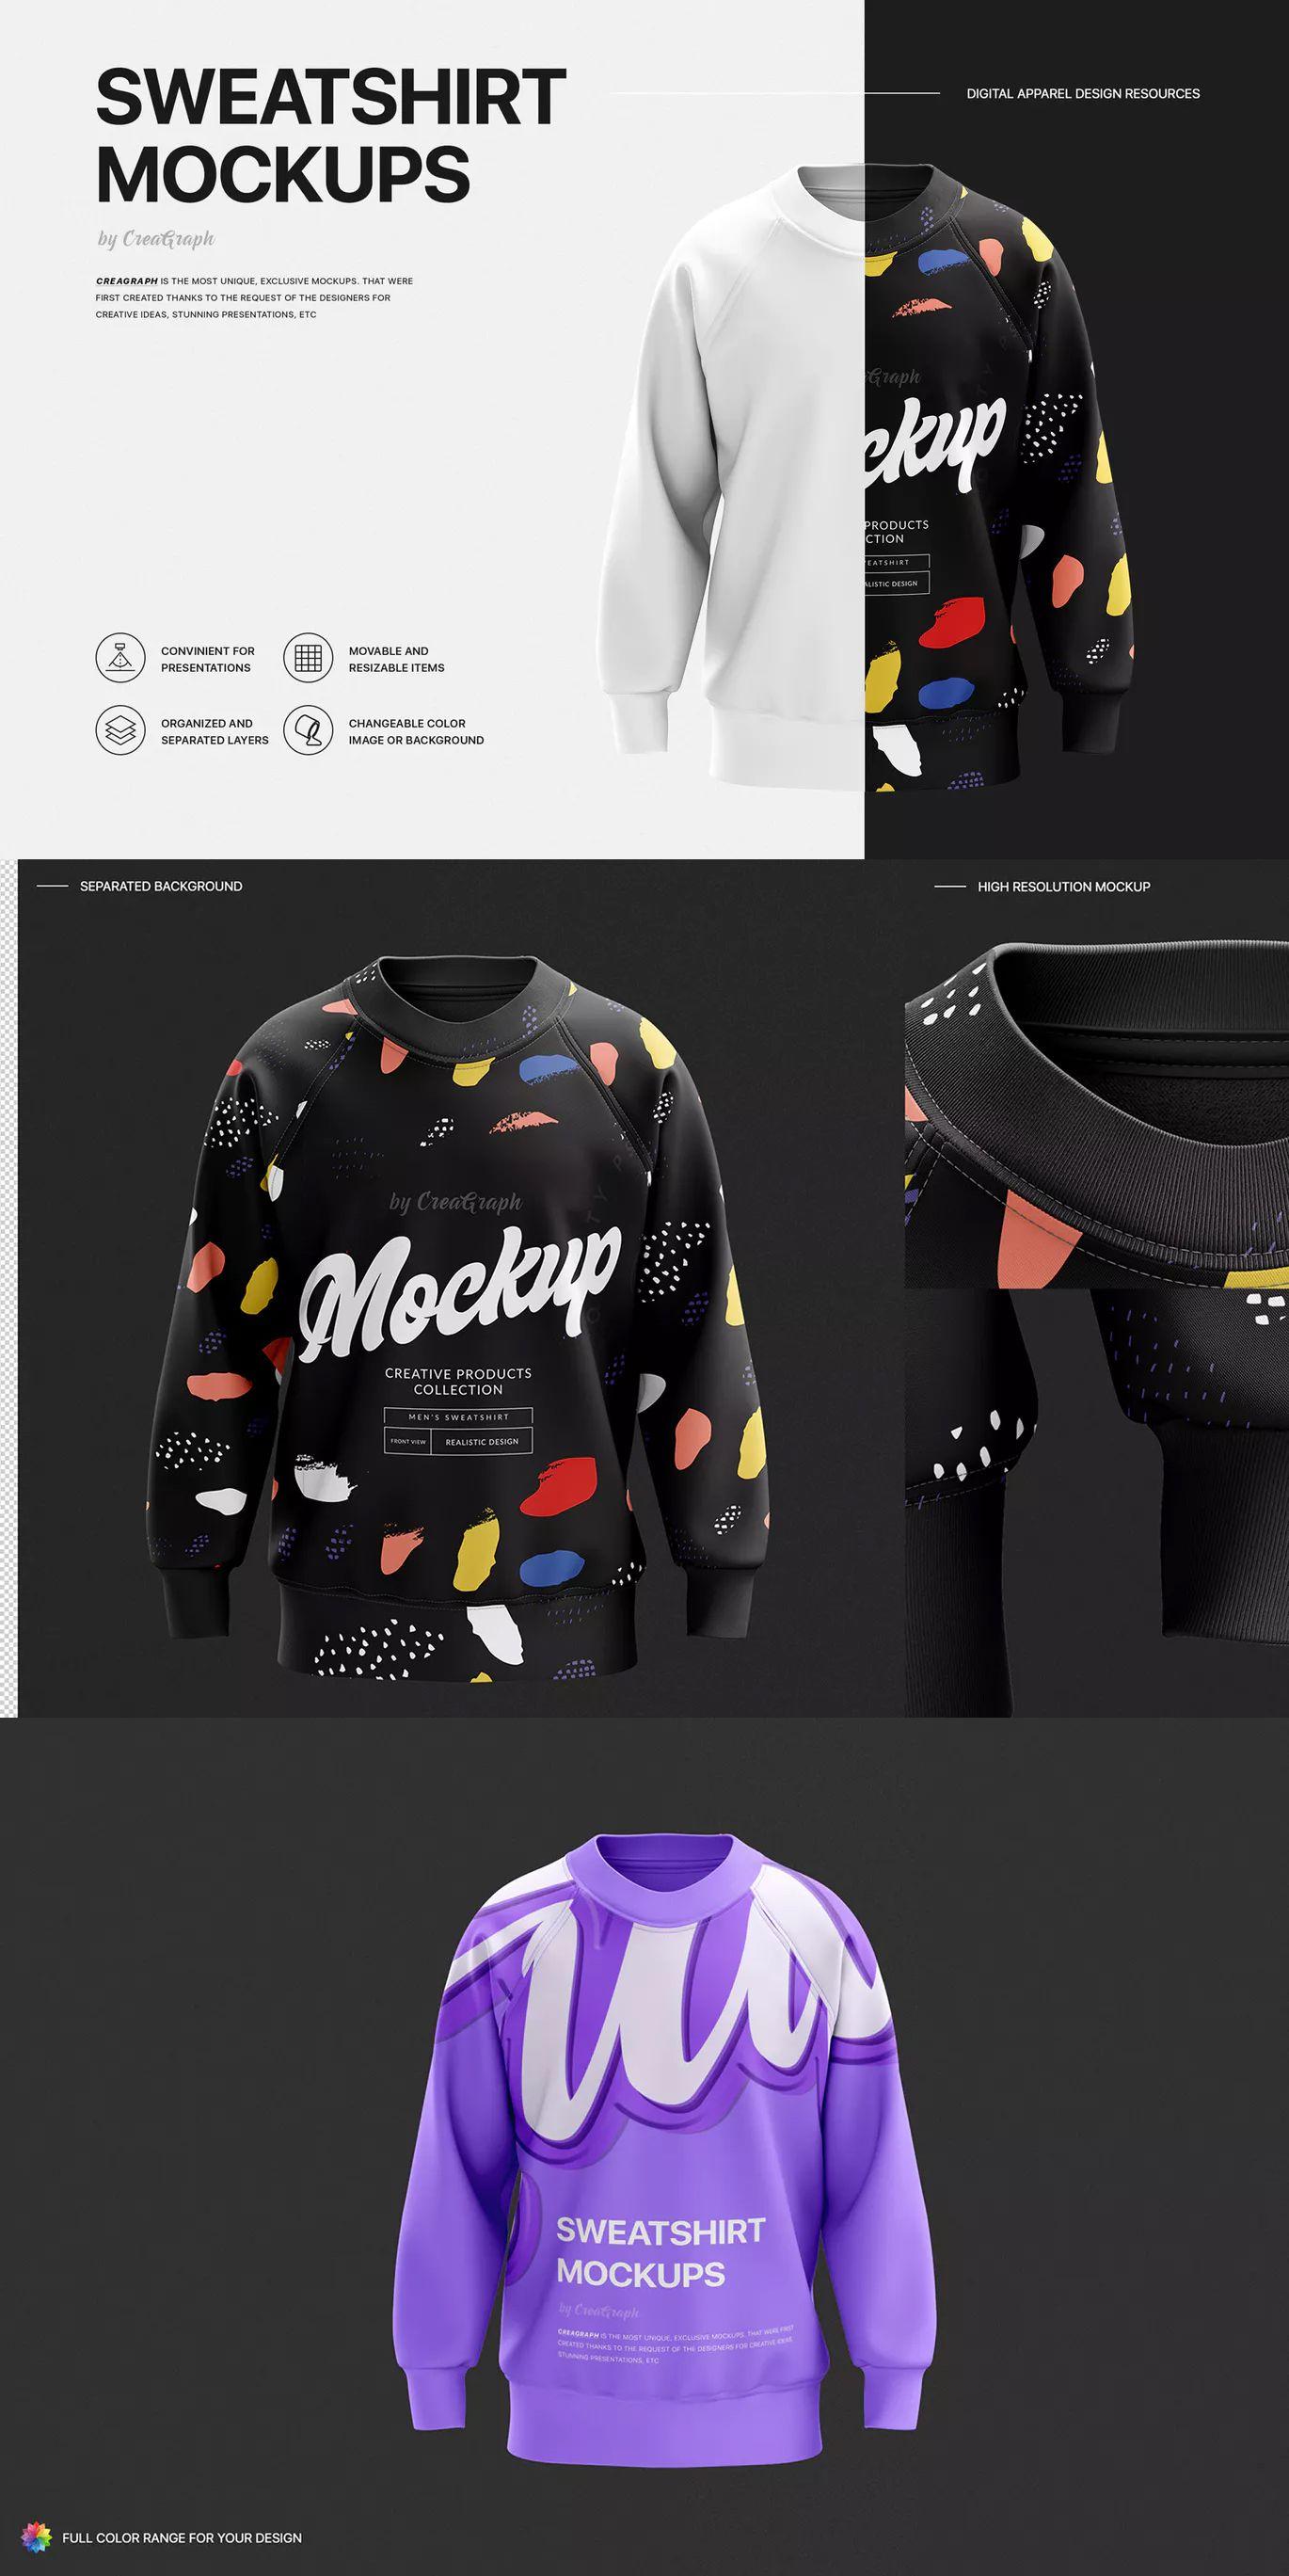 Sweatshirt Mockup Mockup Sweatshirts Envato